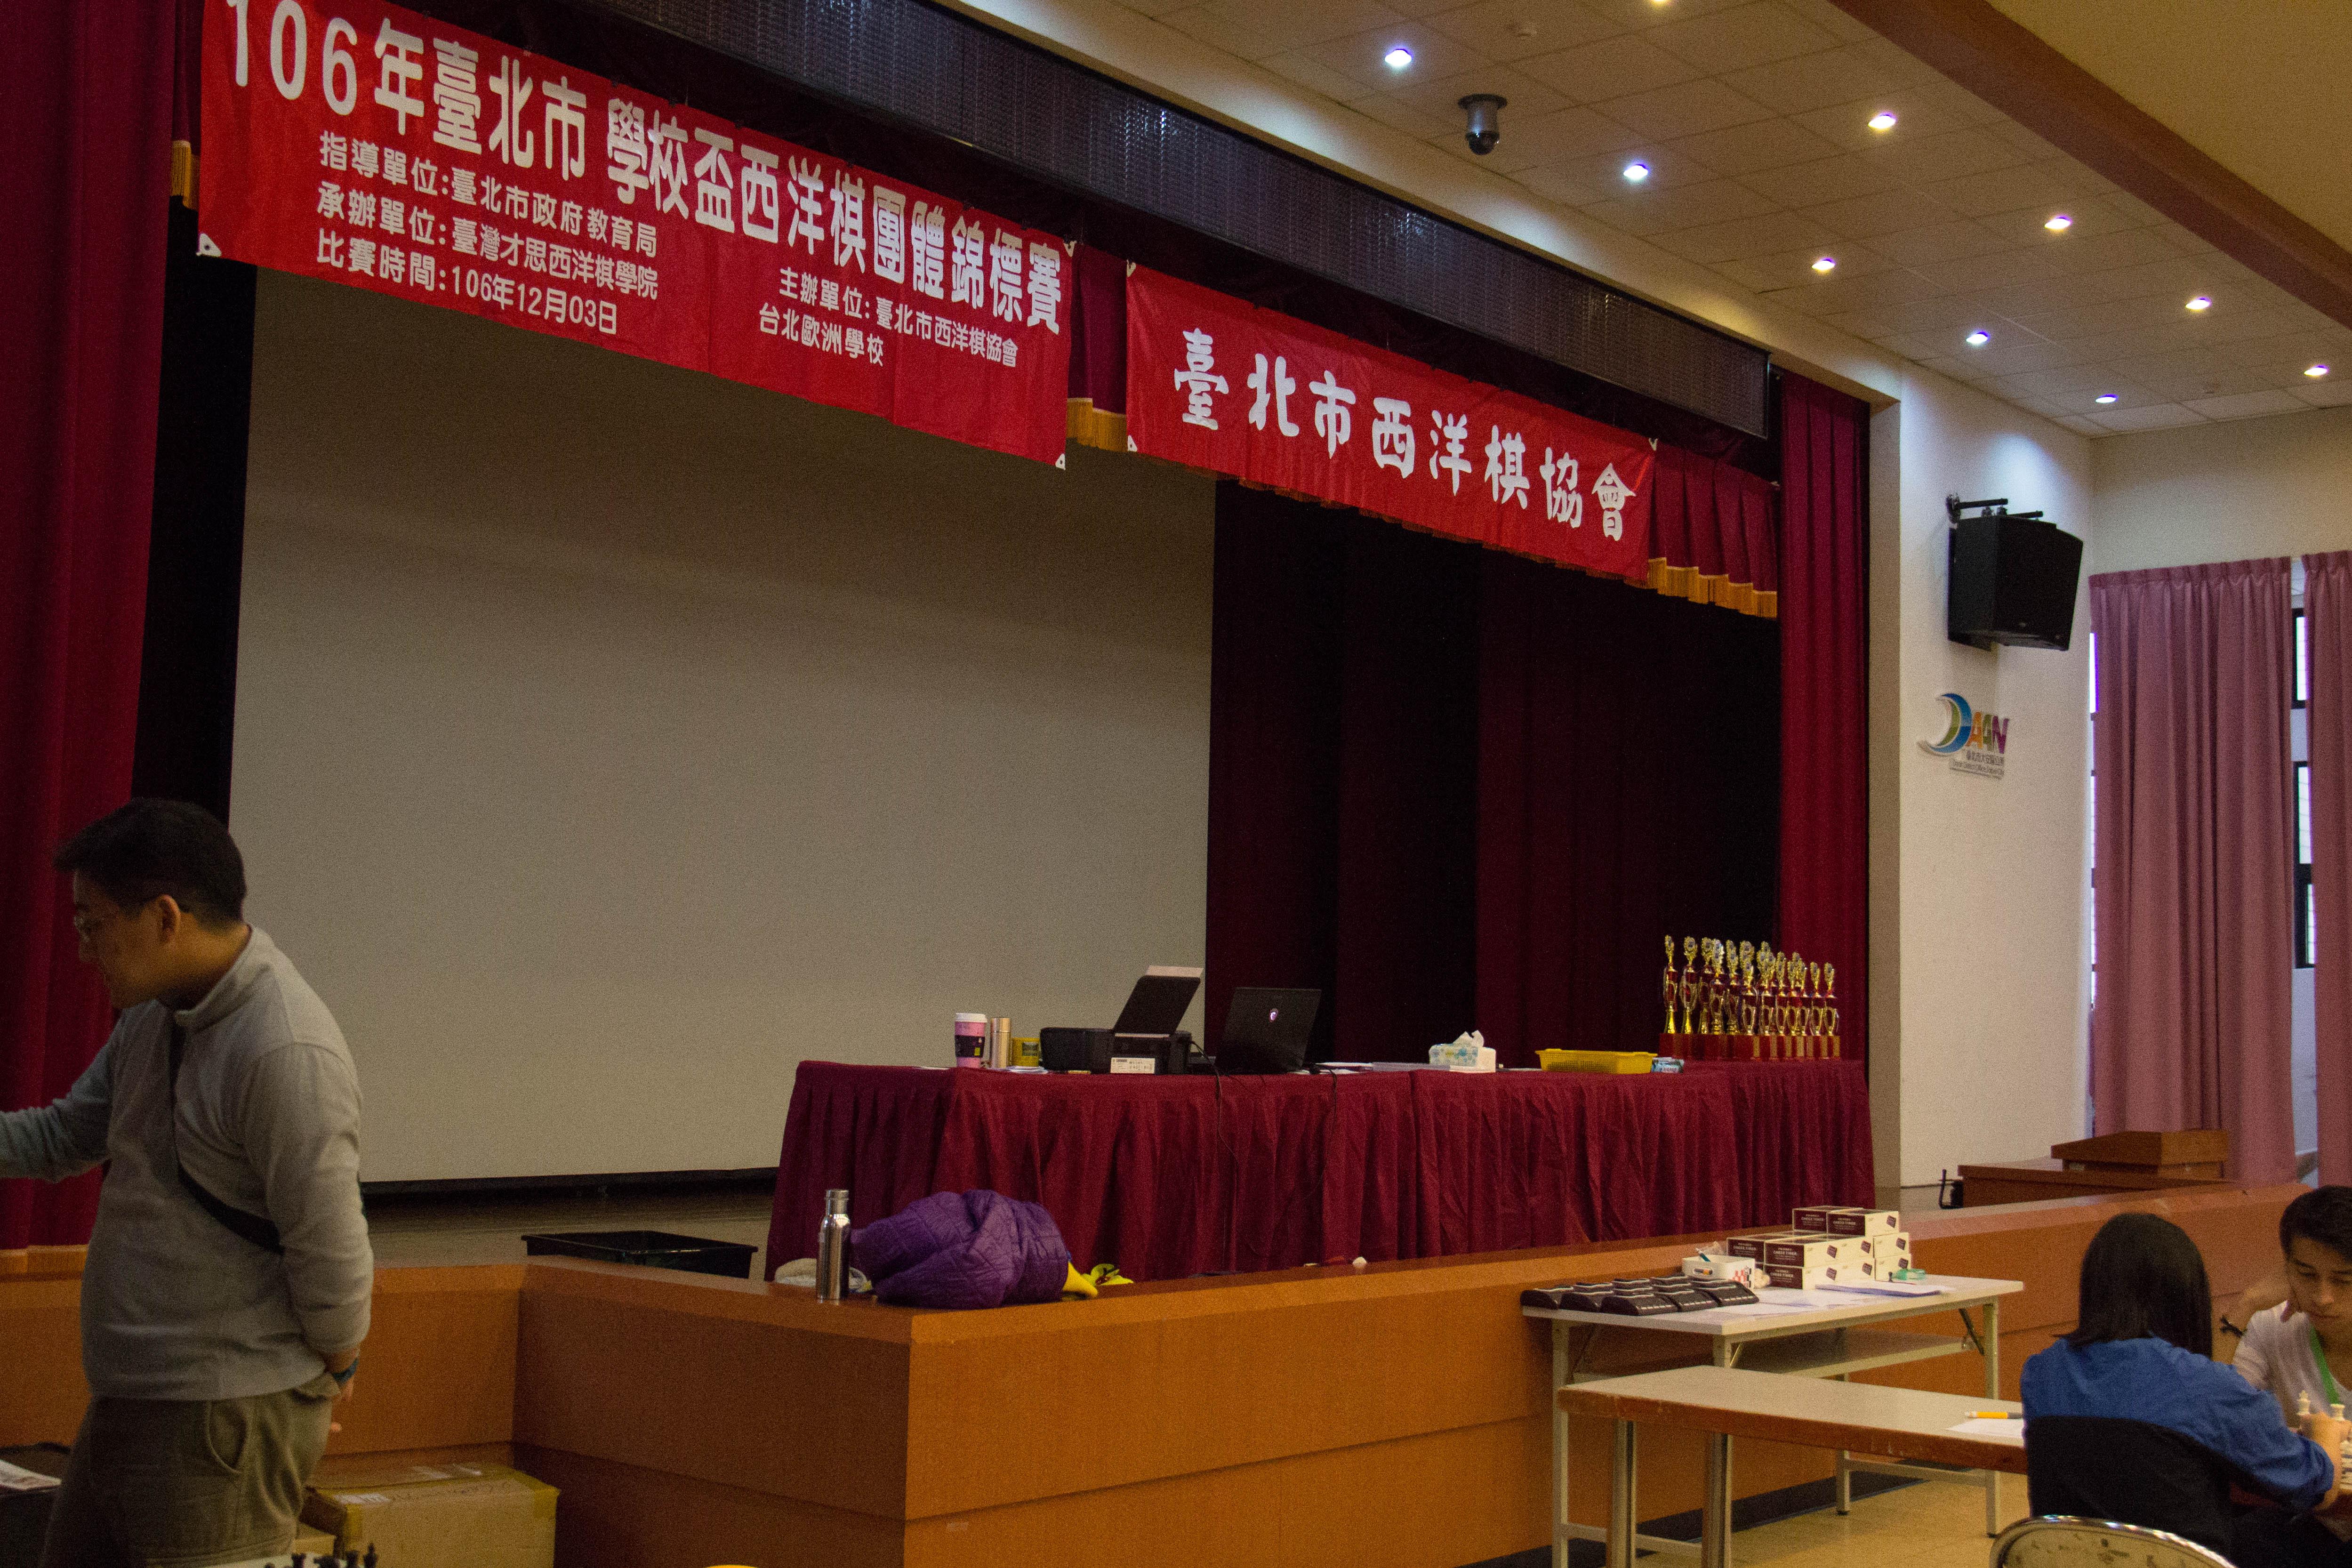 大安區行政中心